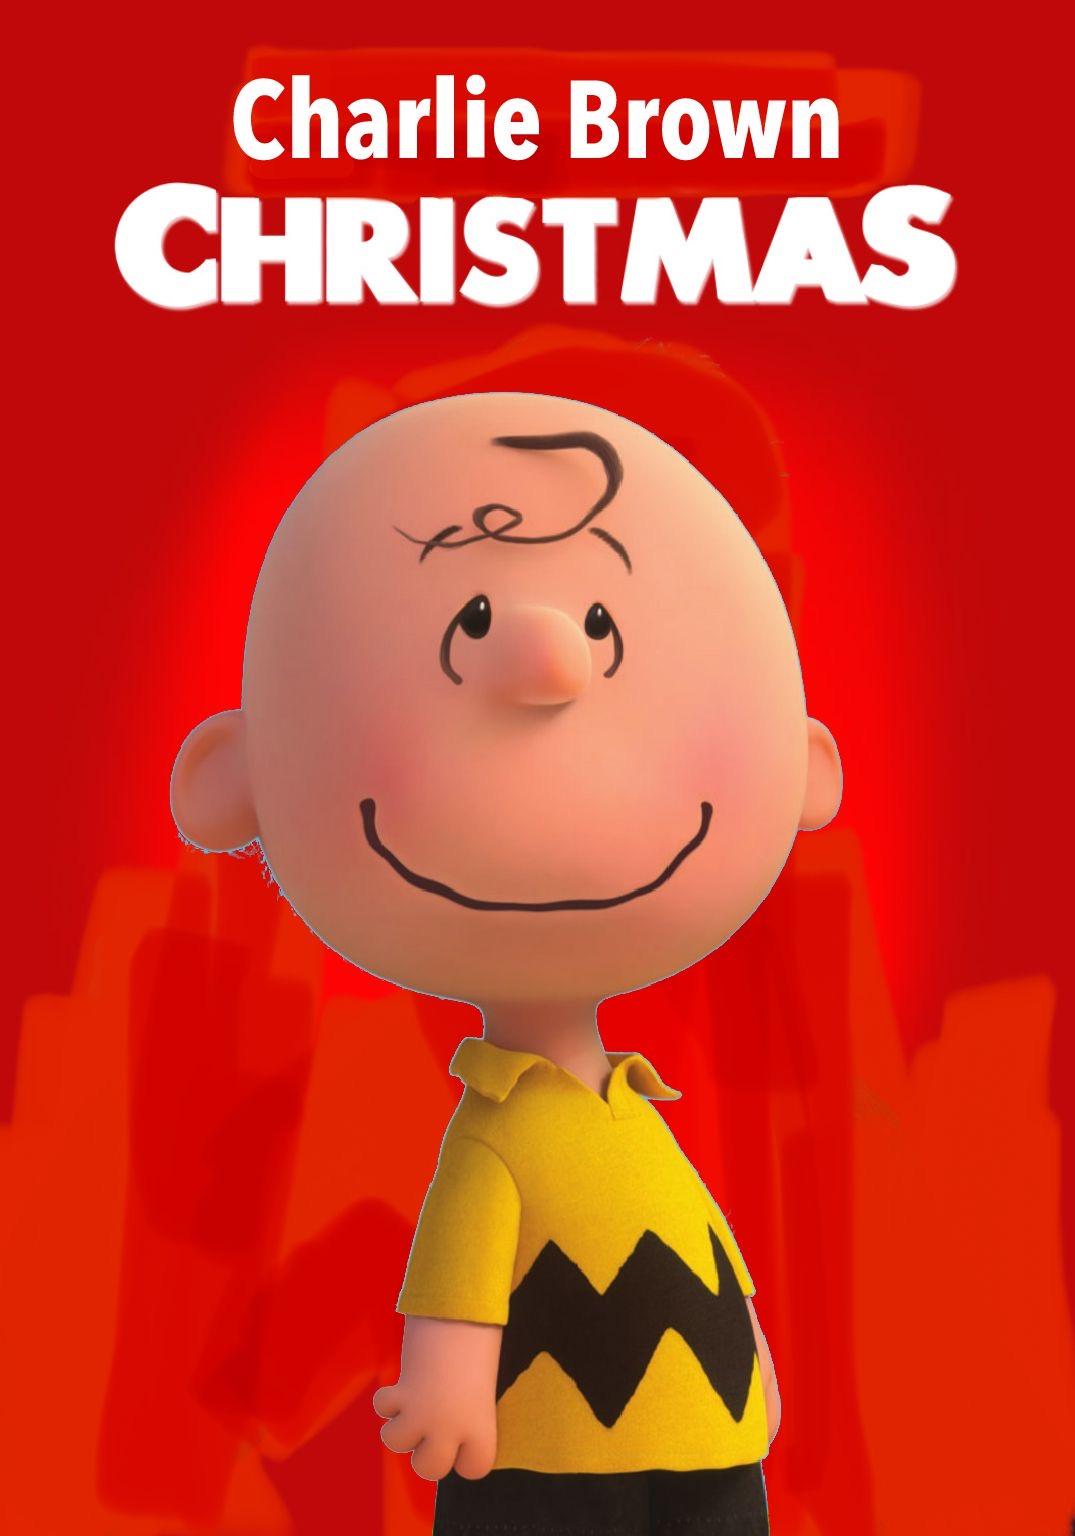 Charlie Brown Christmas (Arthur Christmas)